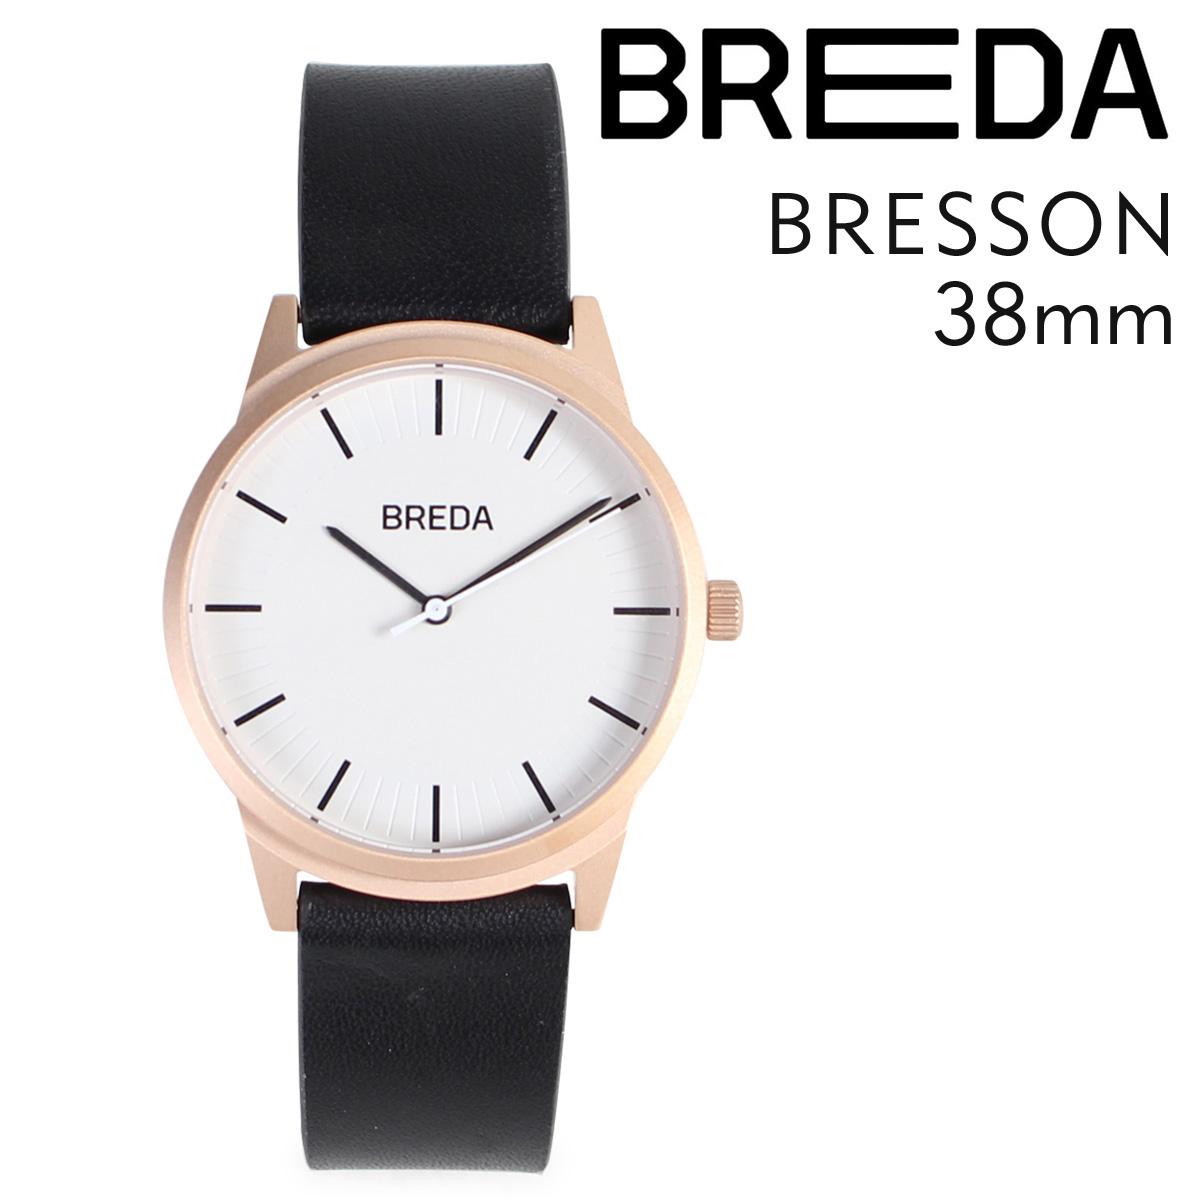 ブレダ BREDA 腕時計 38mm メンズ 時計 ブレッソン BRESSON 5020E ローズゴールド ブラック